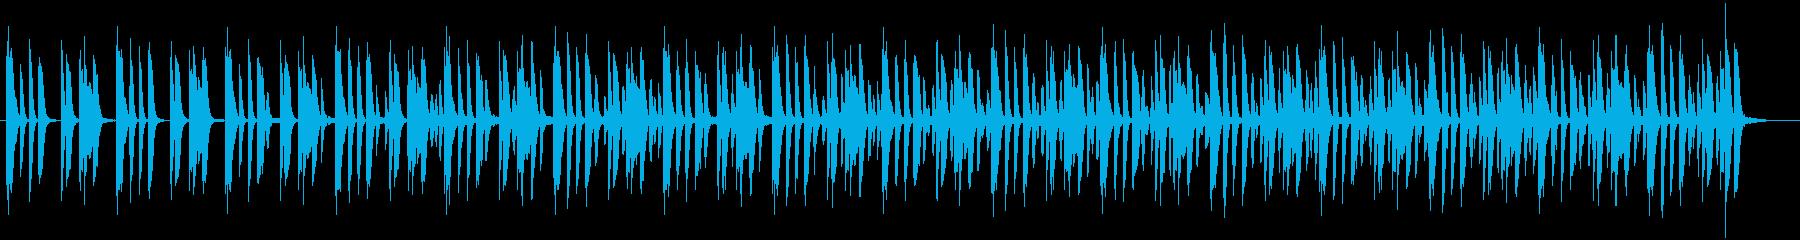 日常会話シーン・ピアノの再生済みの波形